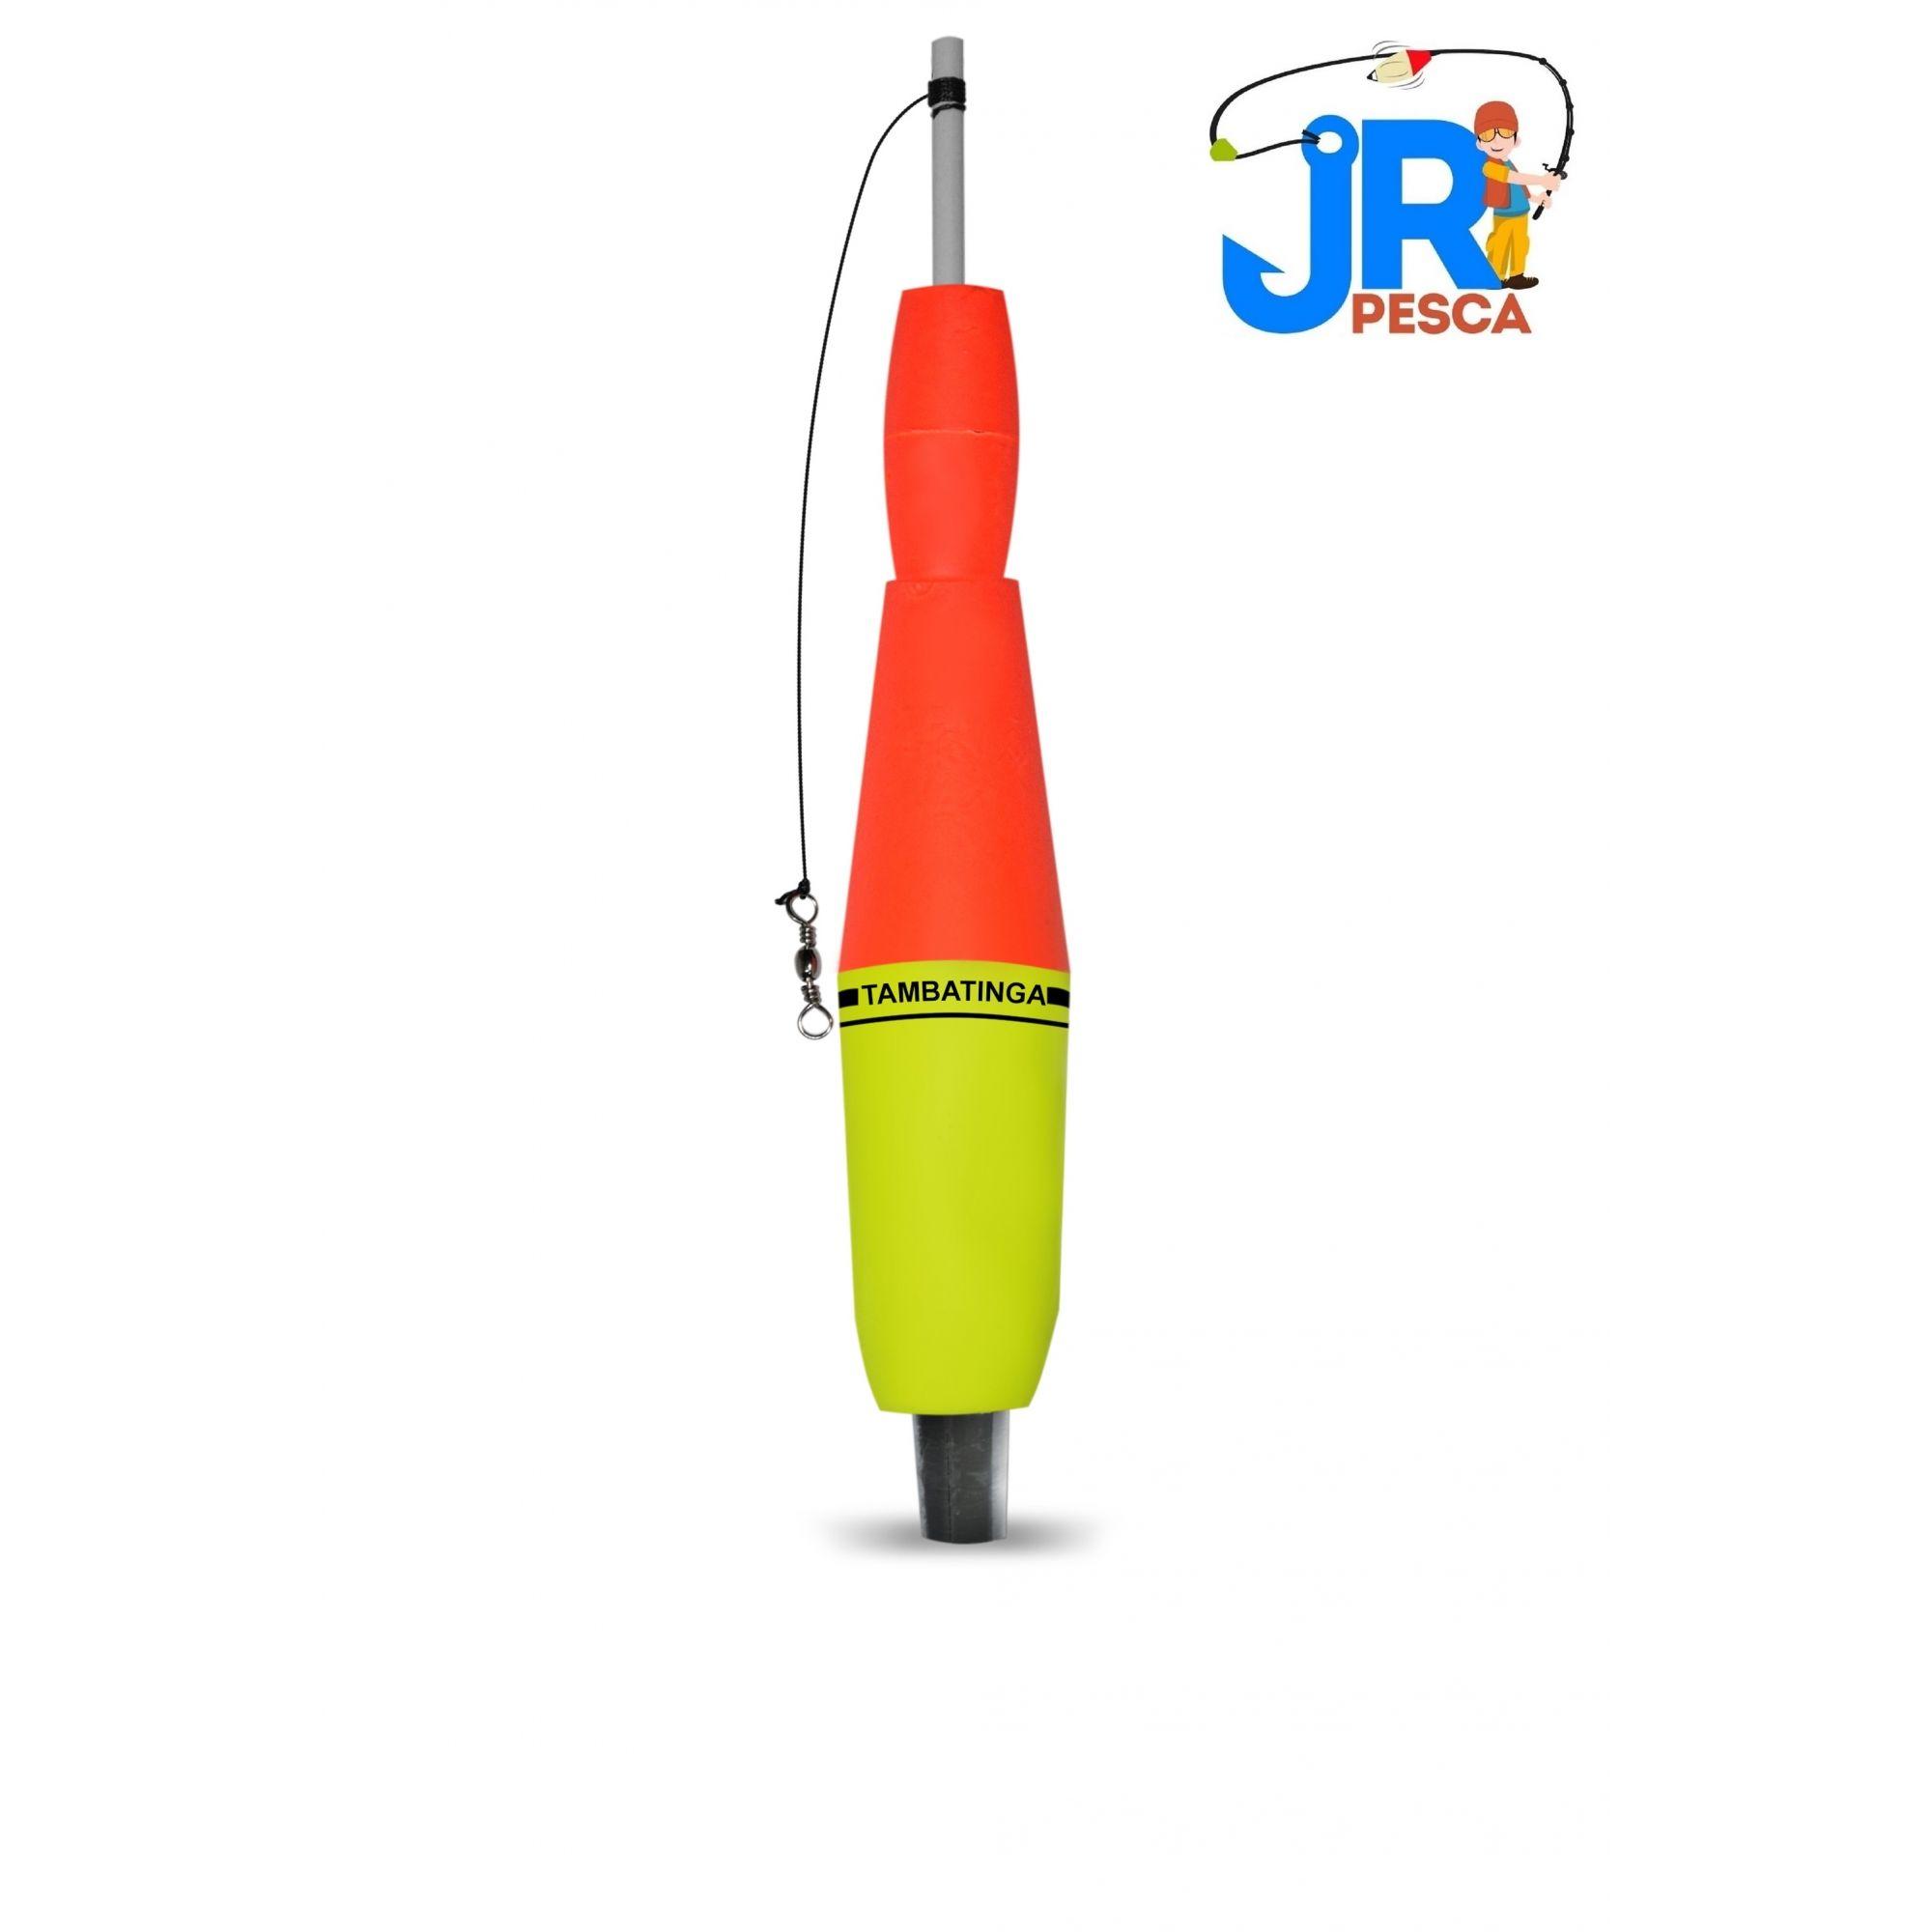 Boia Torpedo Tambatinga 70gr JR Pesca (Várias Cores)  - Life Pesca - Sua loja de Pesca, Camping e Lazer